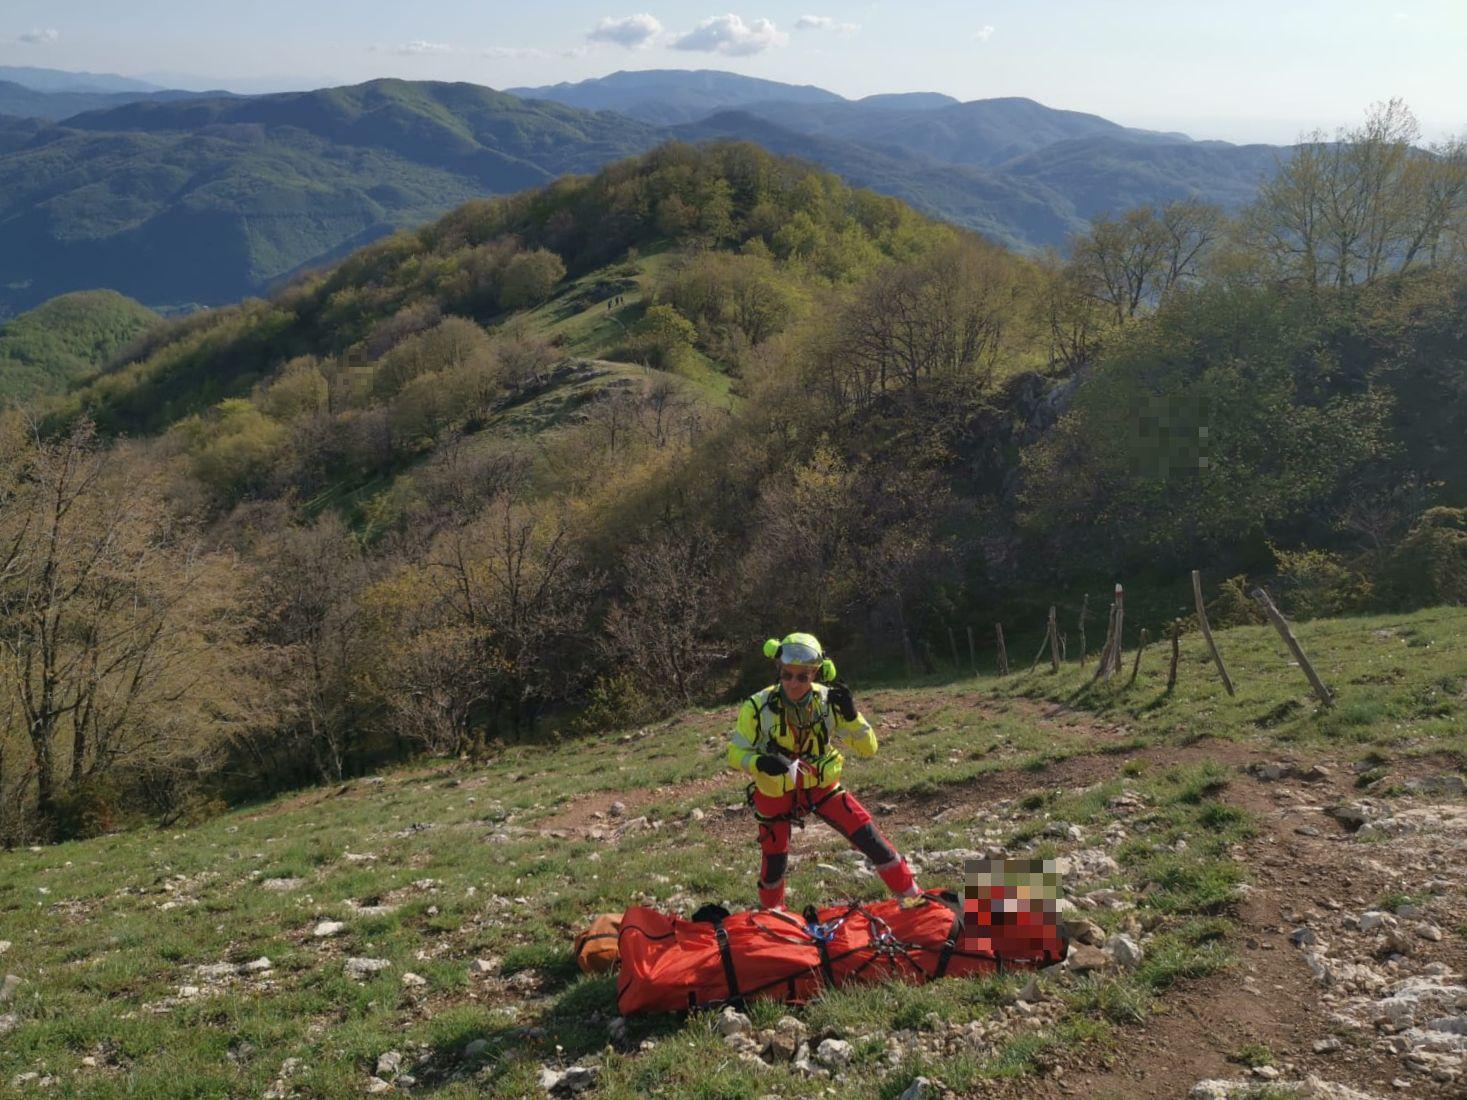 Monte Navegna: escursionista con problemi cardiaci recuperato in eliambulanza dal Soccorso Alpino